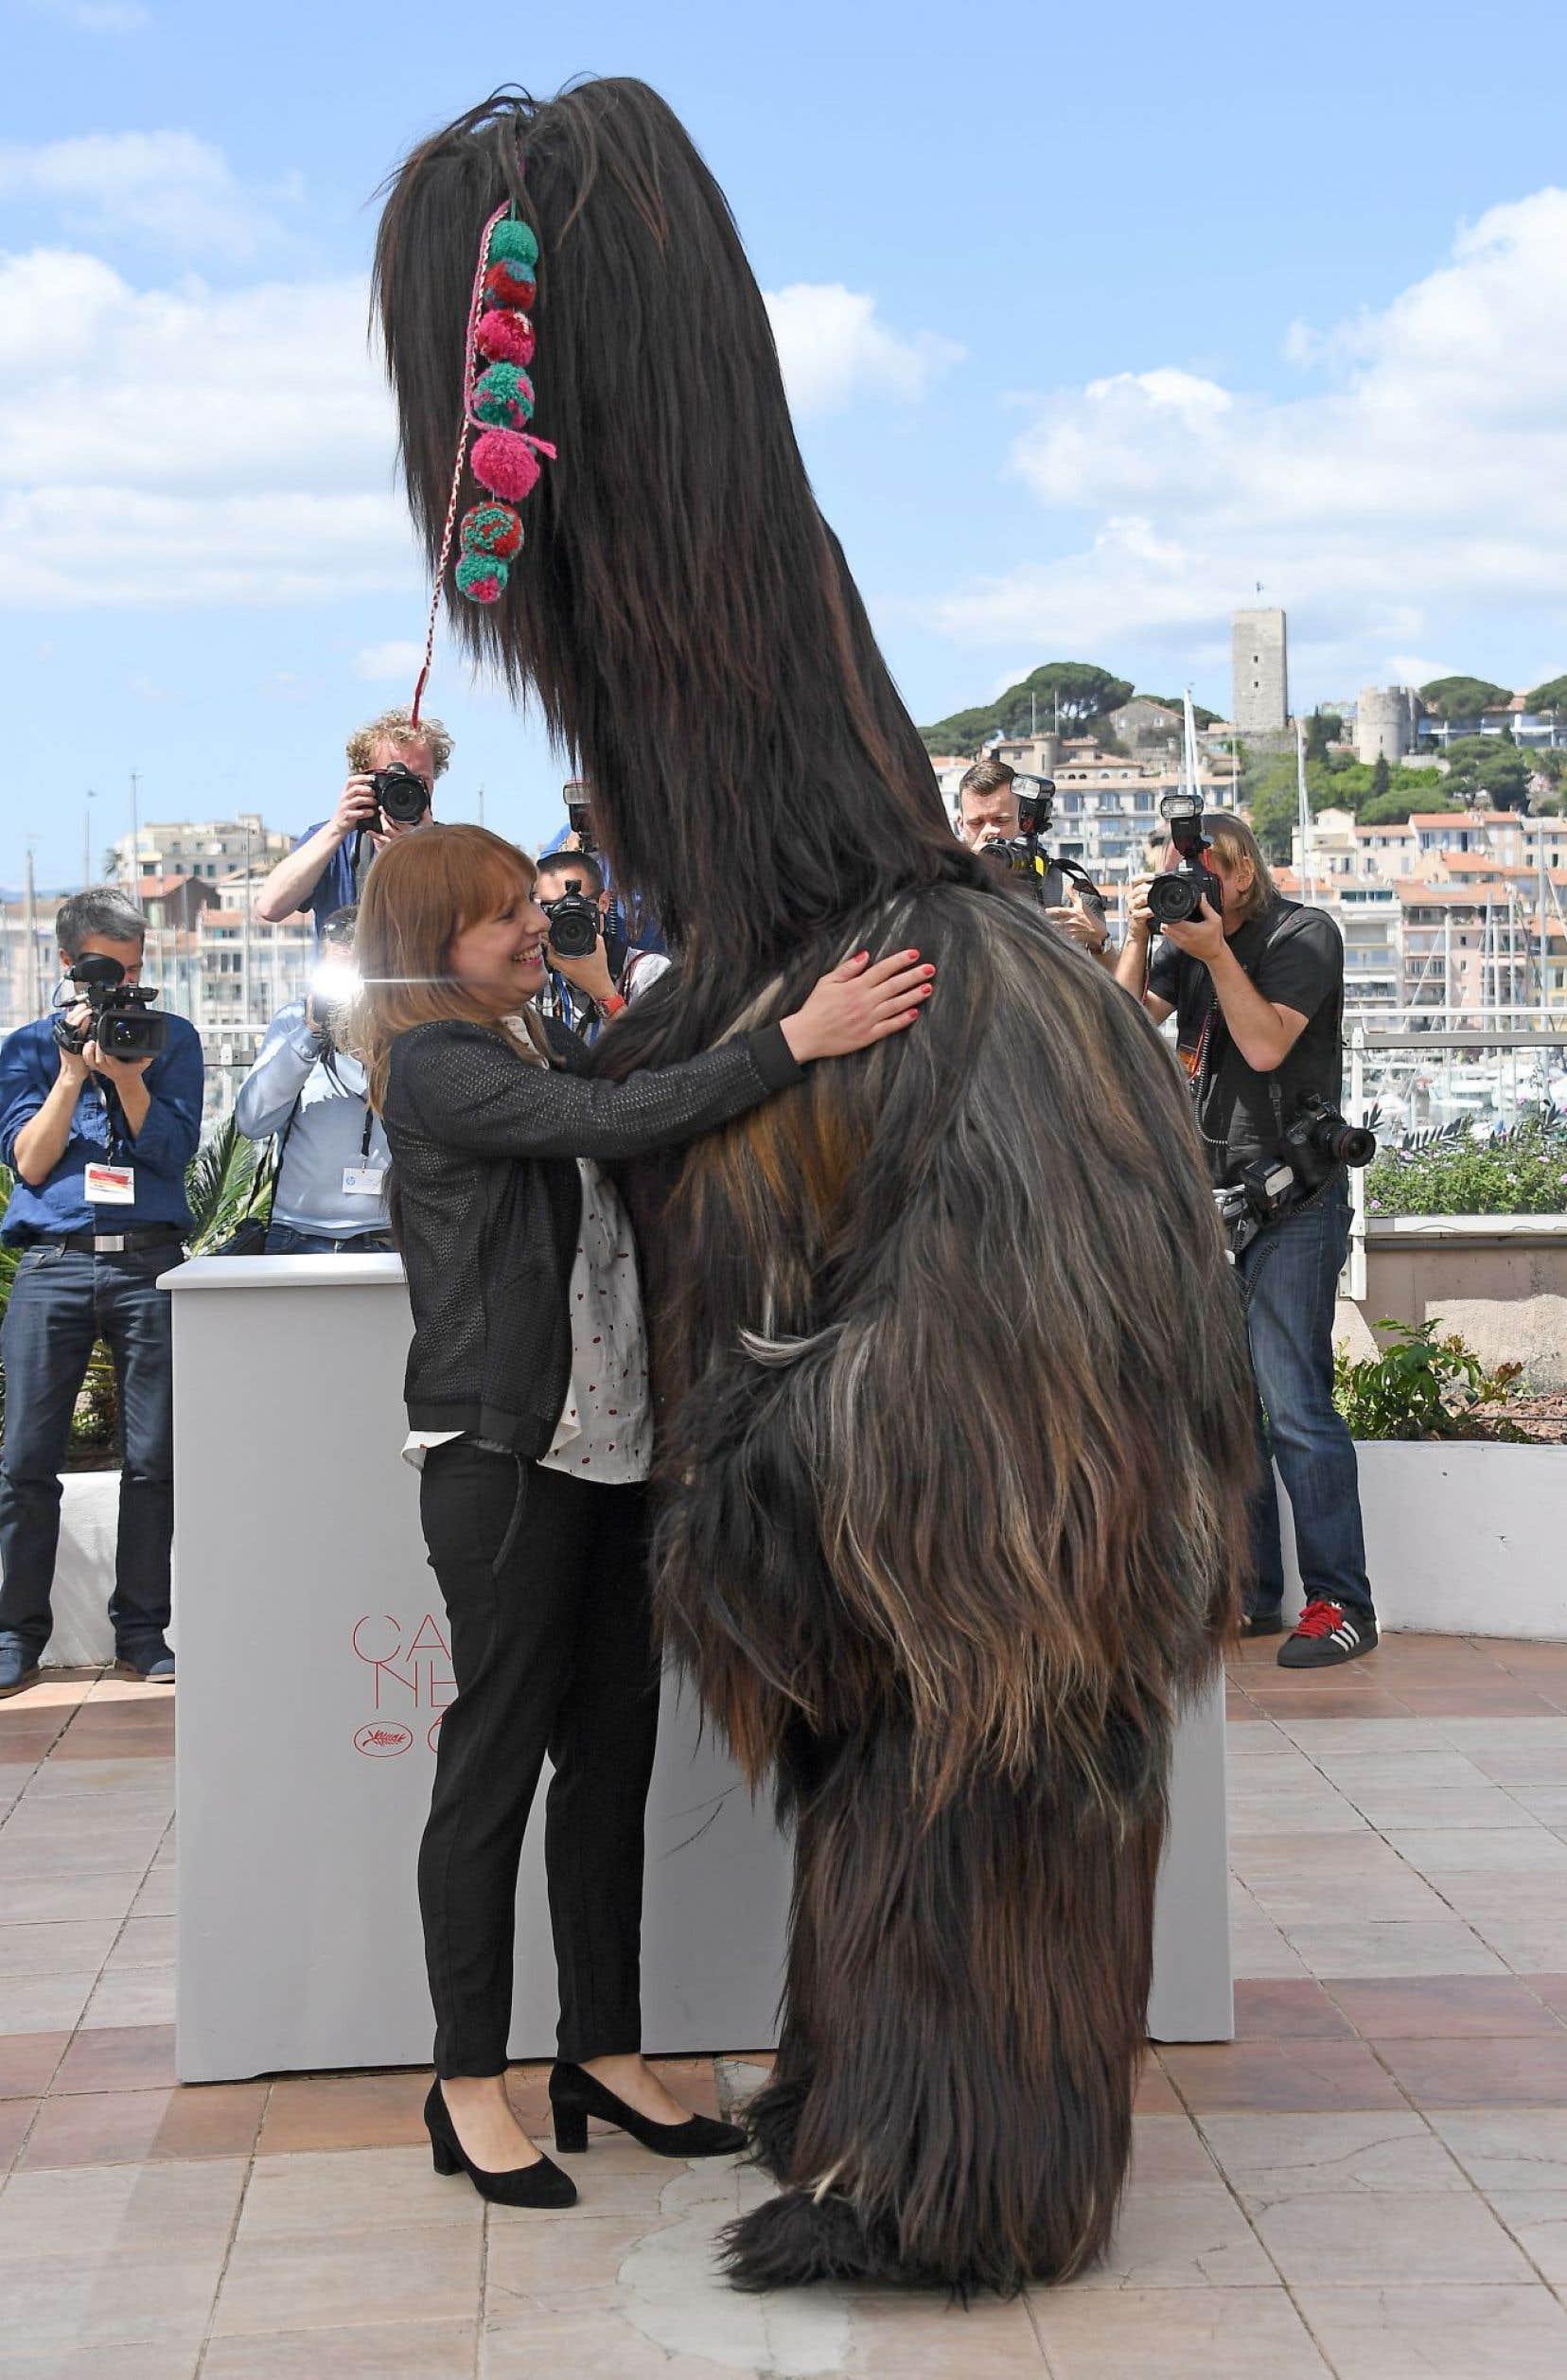 La réalisatrice de «Toni Erdmann», Maren Ade, aux côtés d'un des personnages de son film, lors de son passage à Cannes en mai dernier.